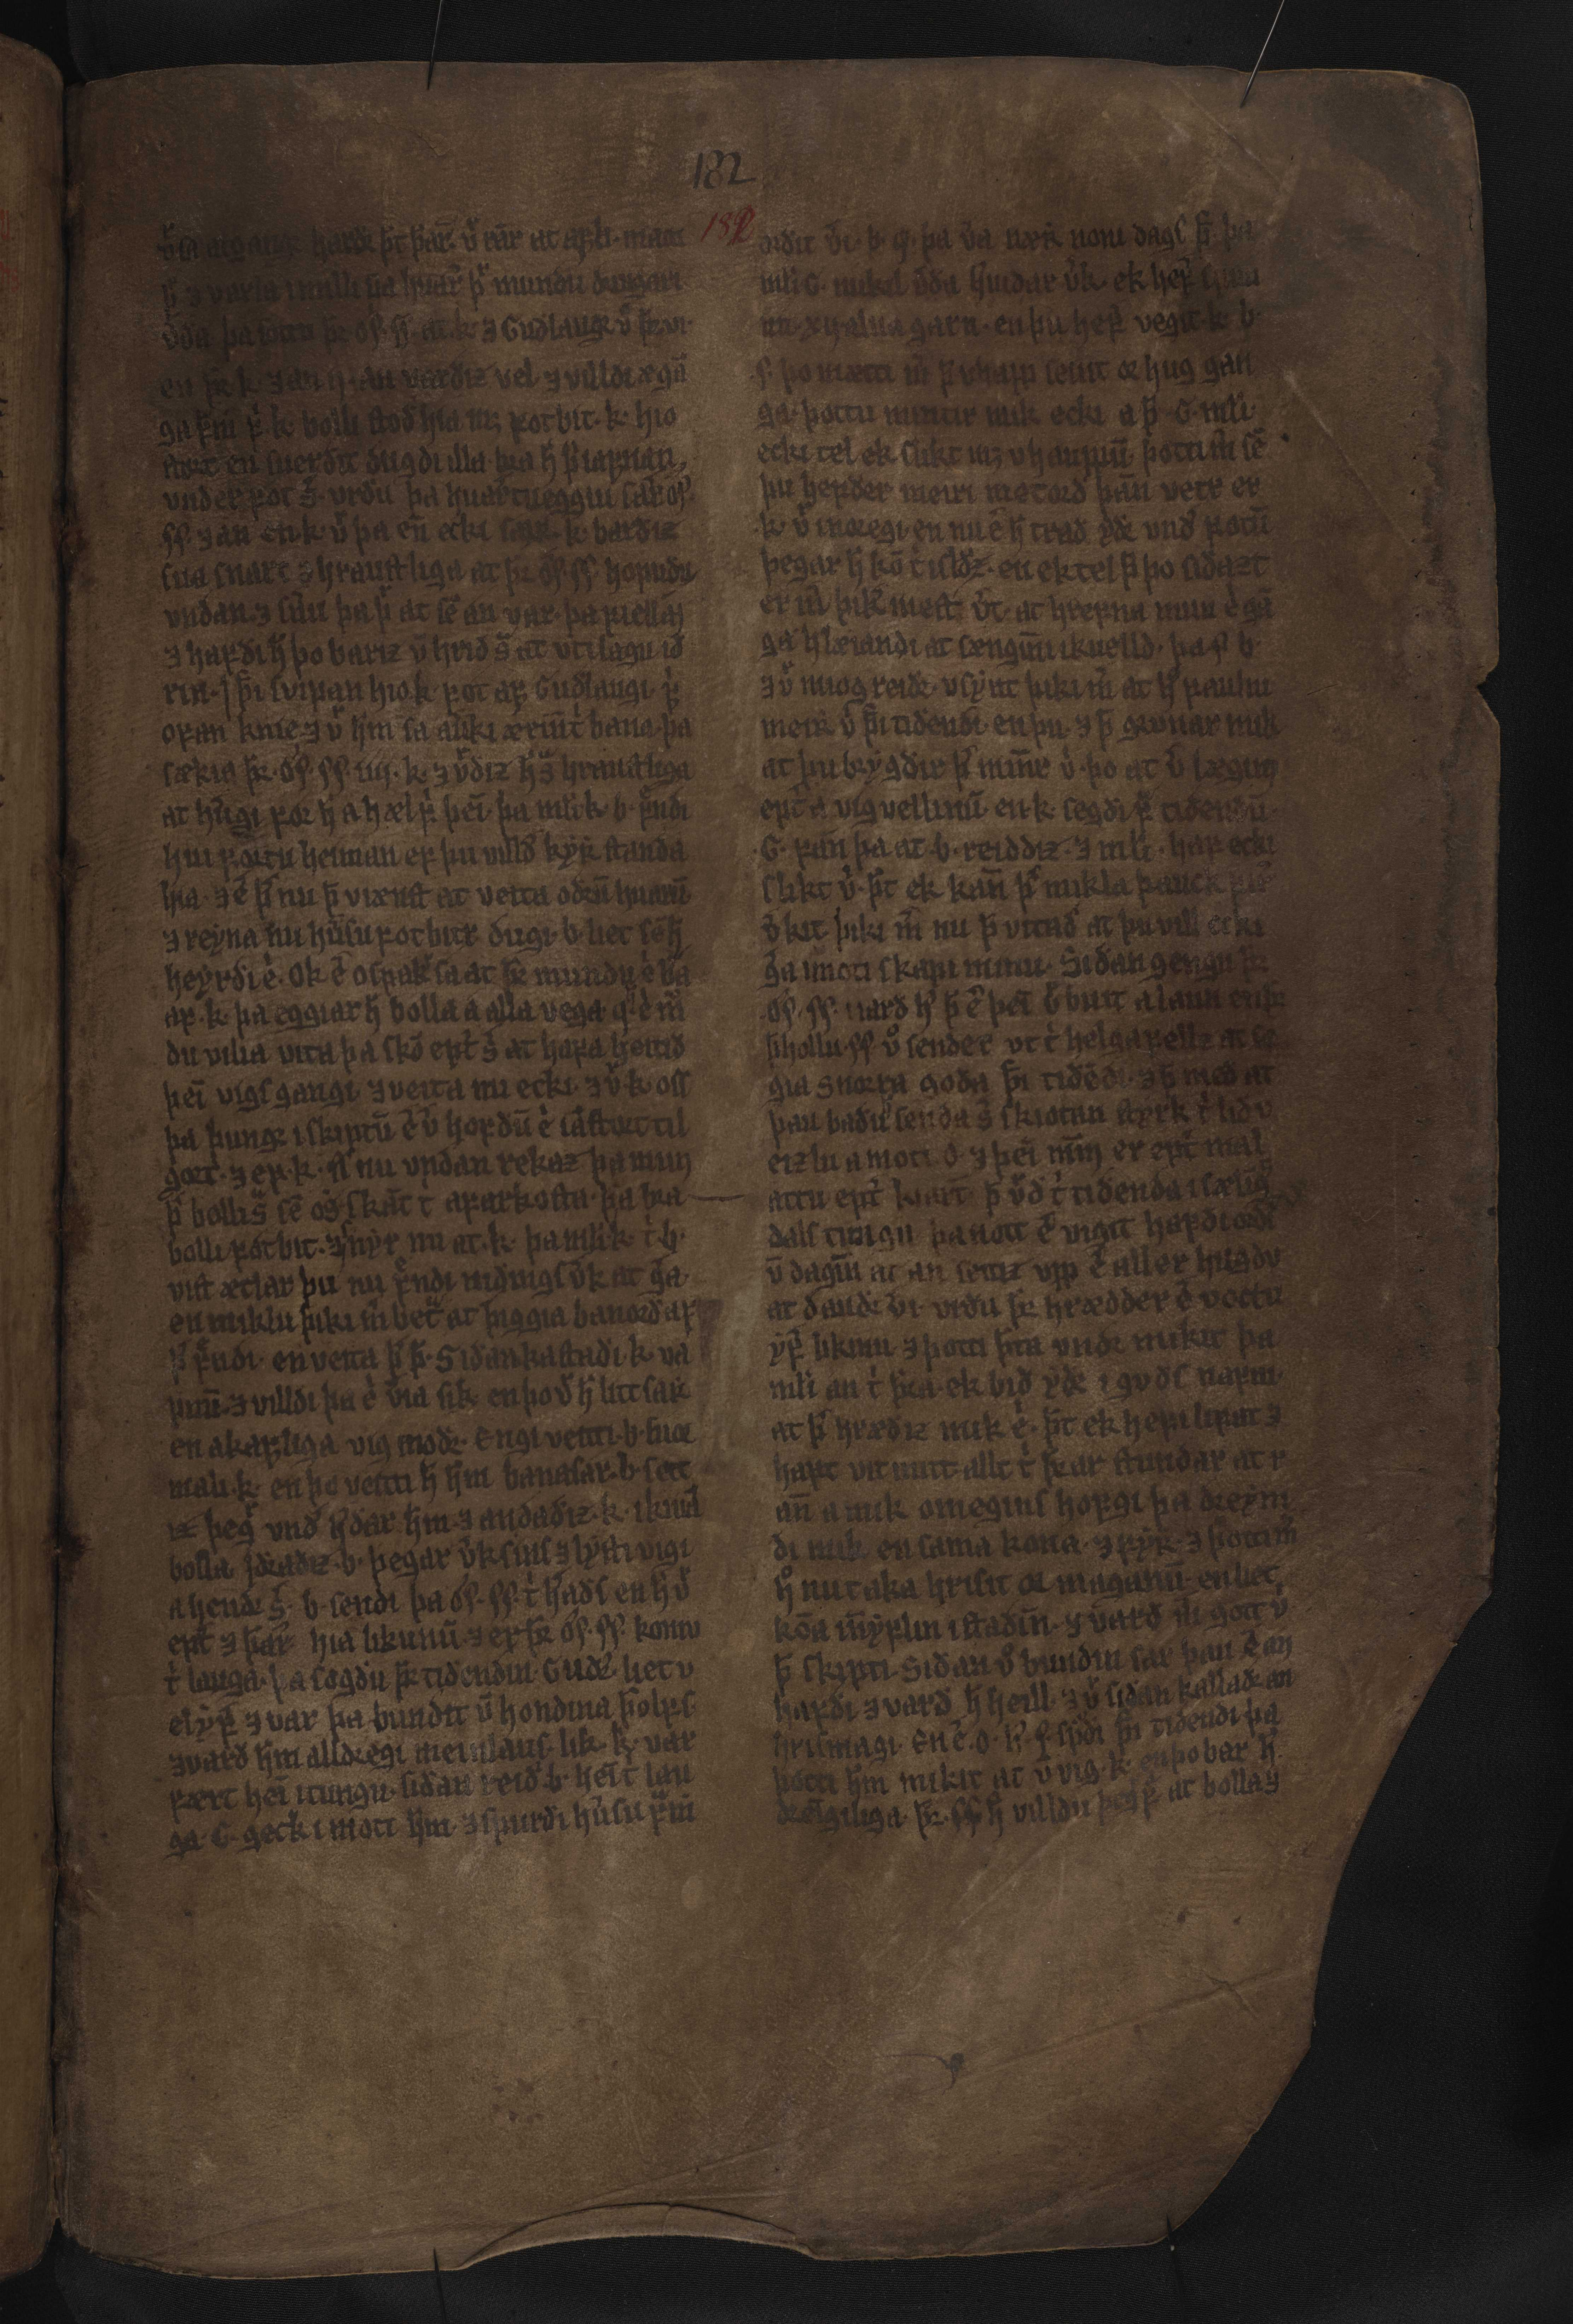 AM 132 fol - 182r